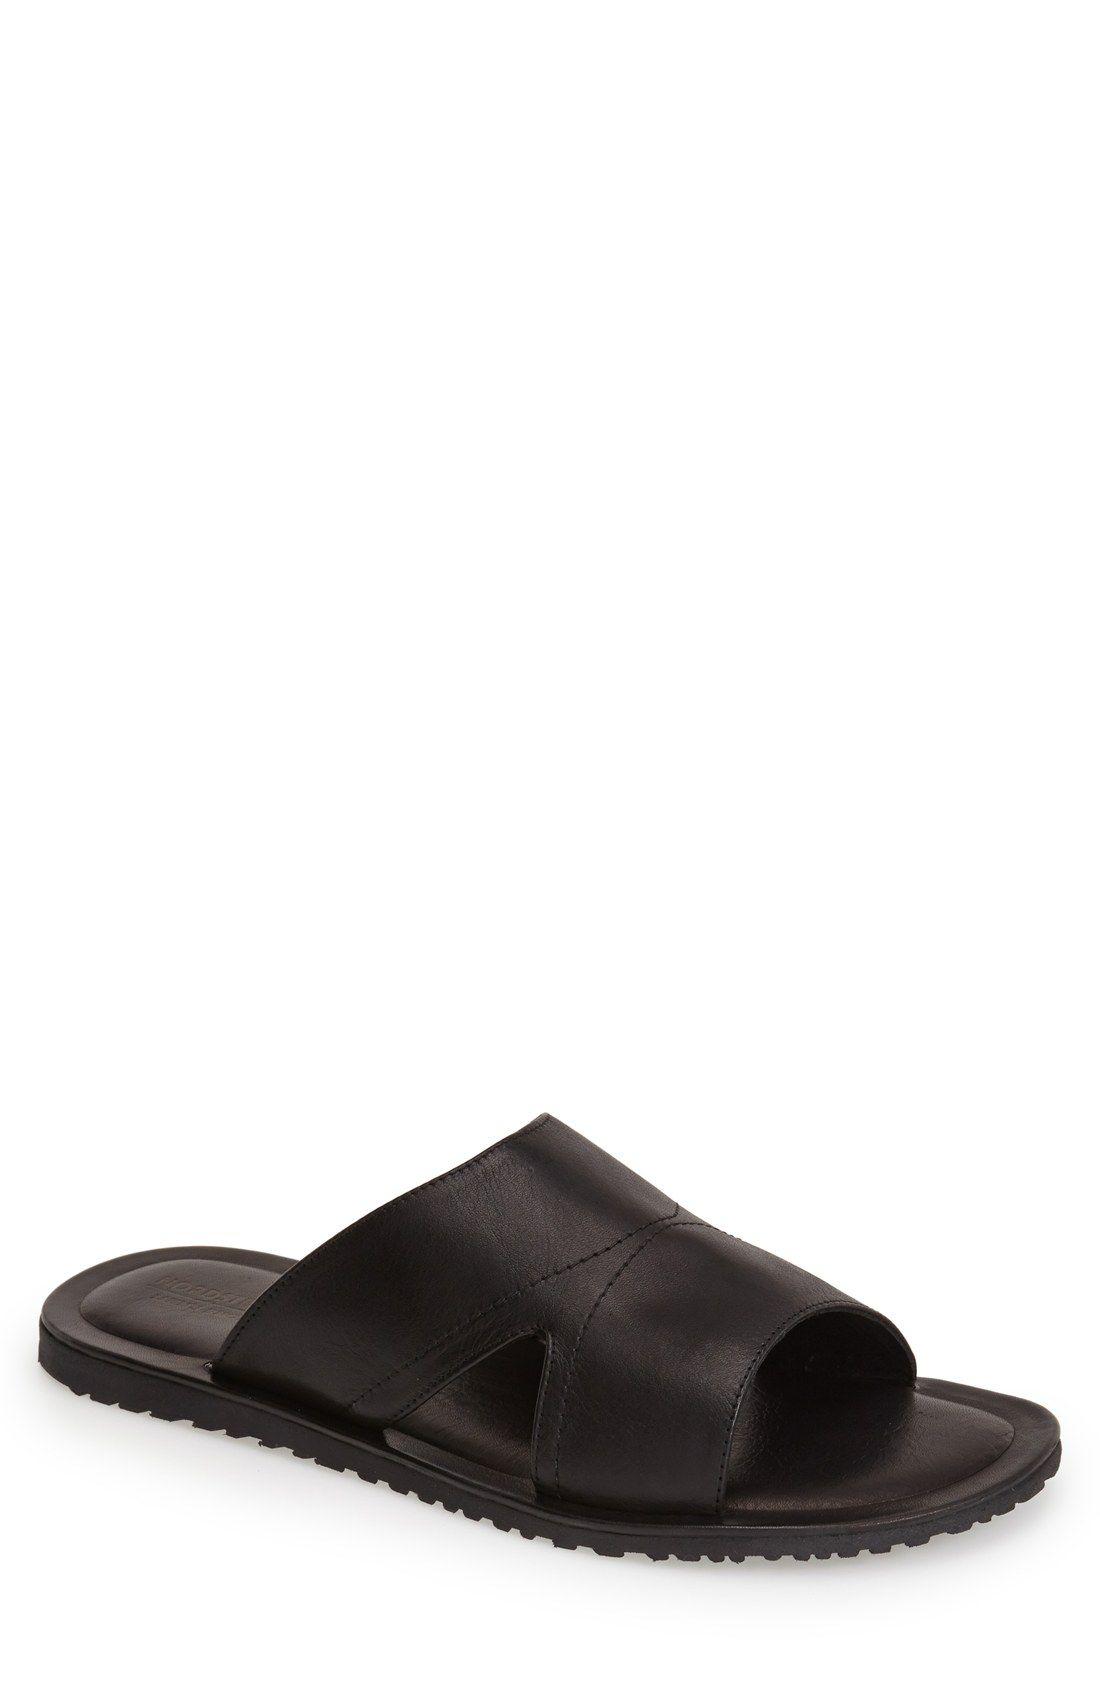 Nordstrom Men's Shop 'Crete' Leather Slide Sandal (Men) | Nordstrom